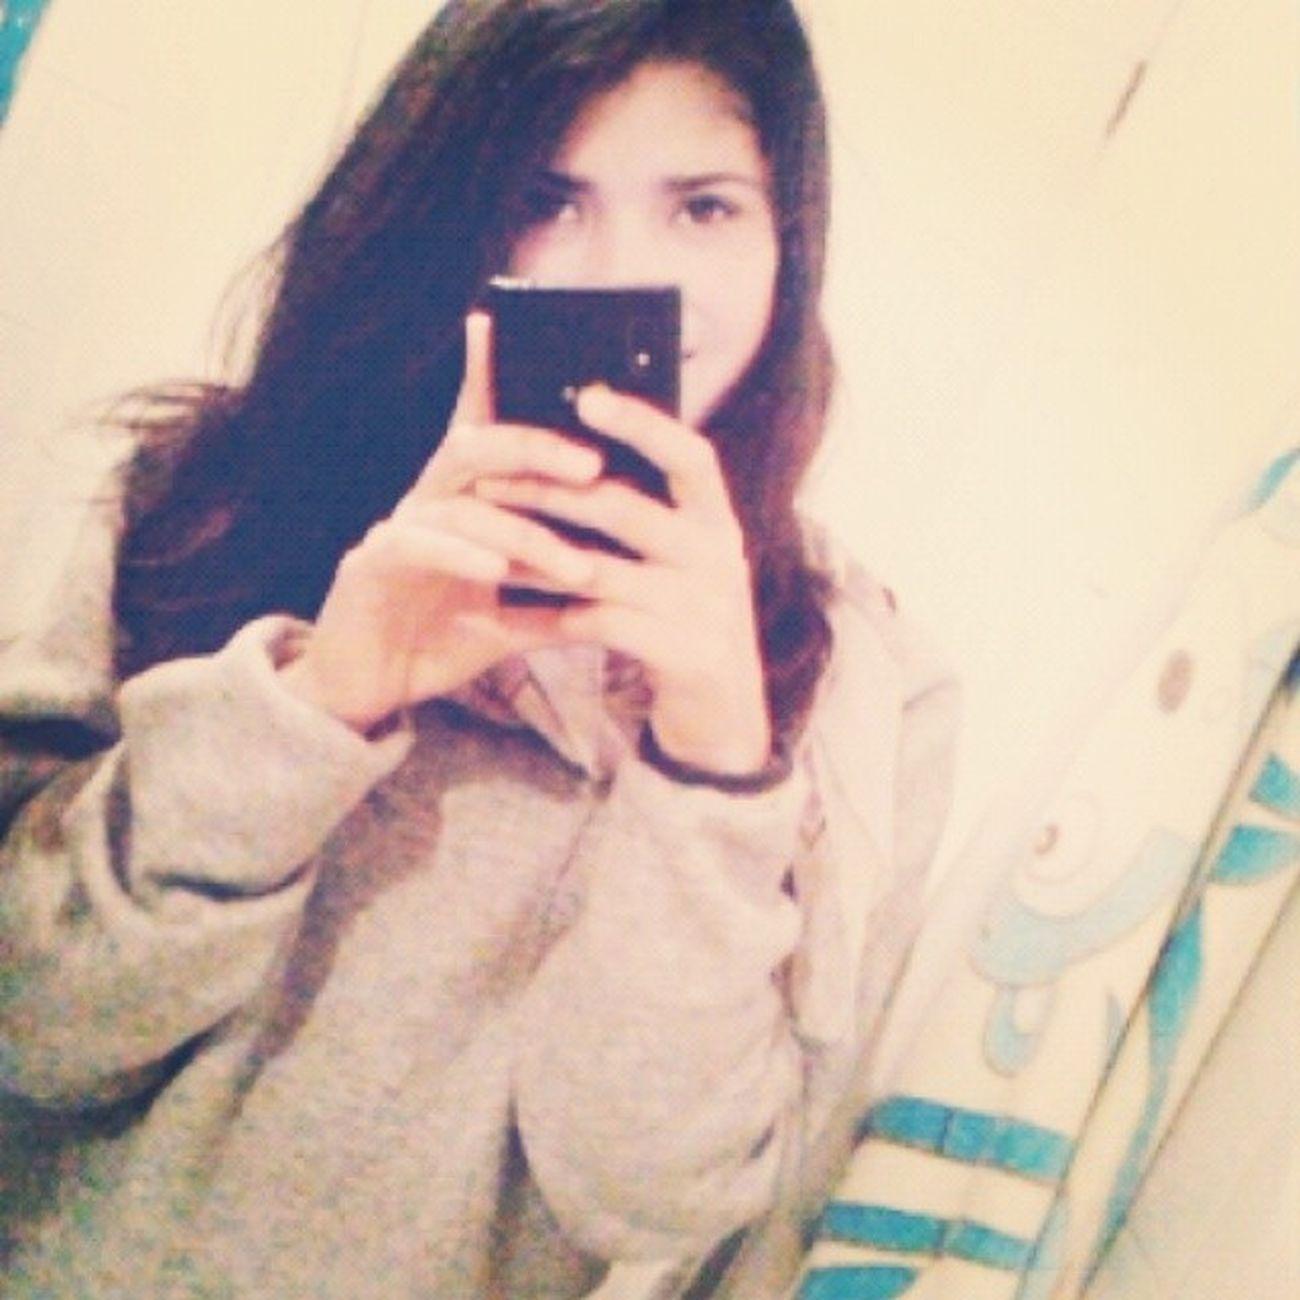 Casahermano Shanshos Jaja Sepasolazorrrrra losamoo l4l likeforlike followforfollow f4f